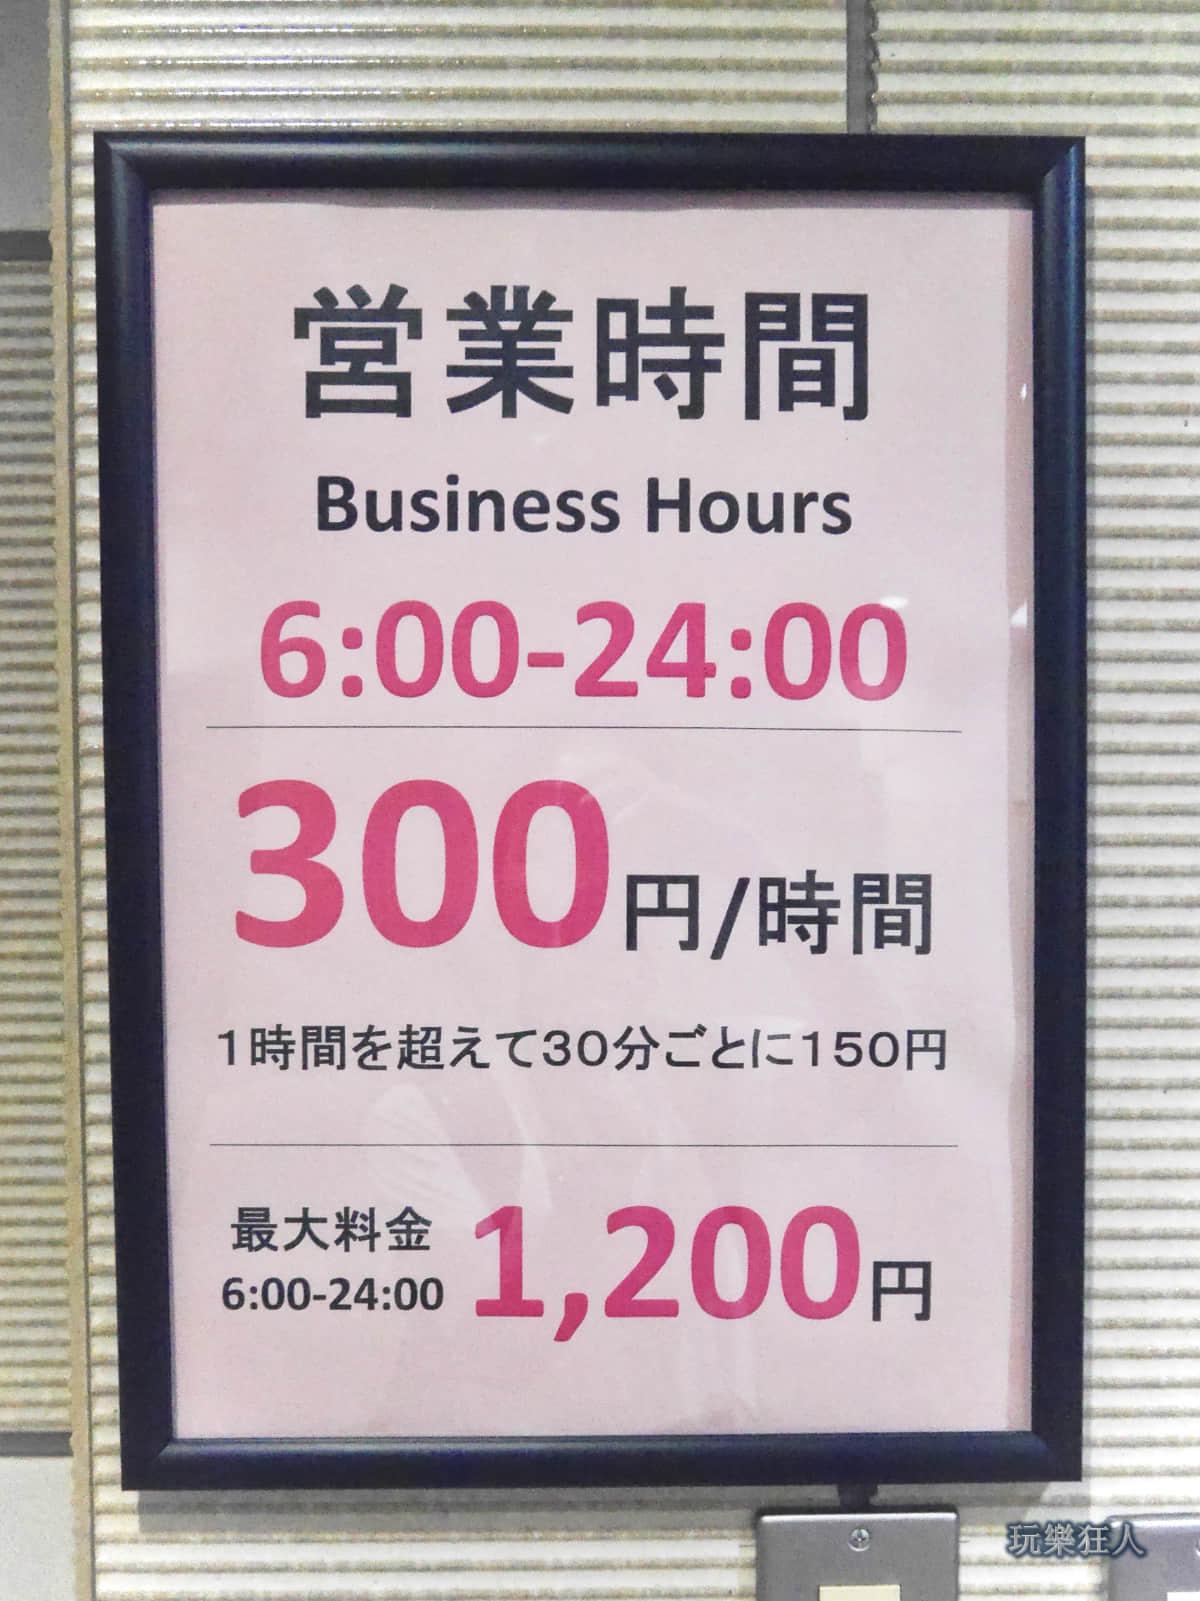 「艾貝斯特酒店」縣民廣場停車場營業時間及費用說明